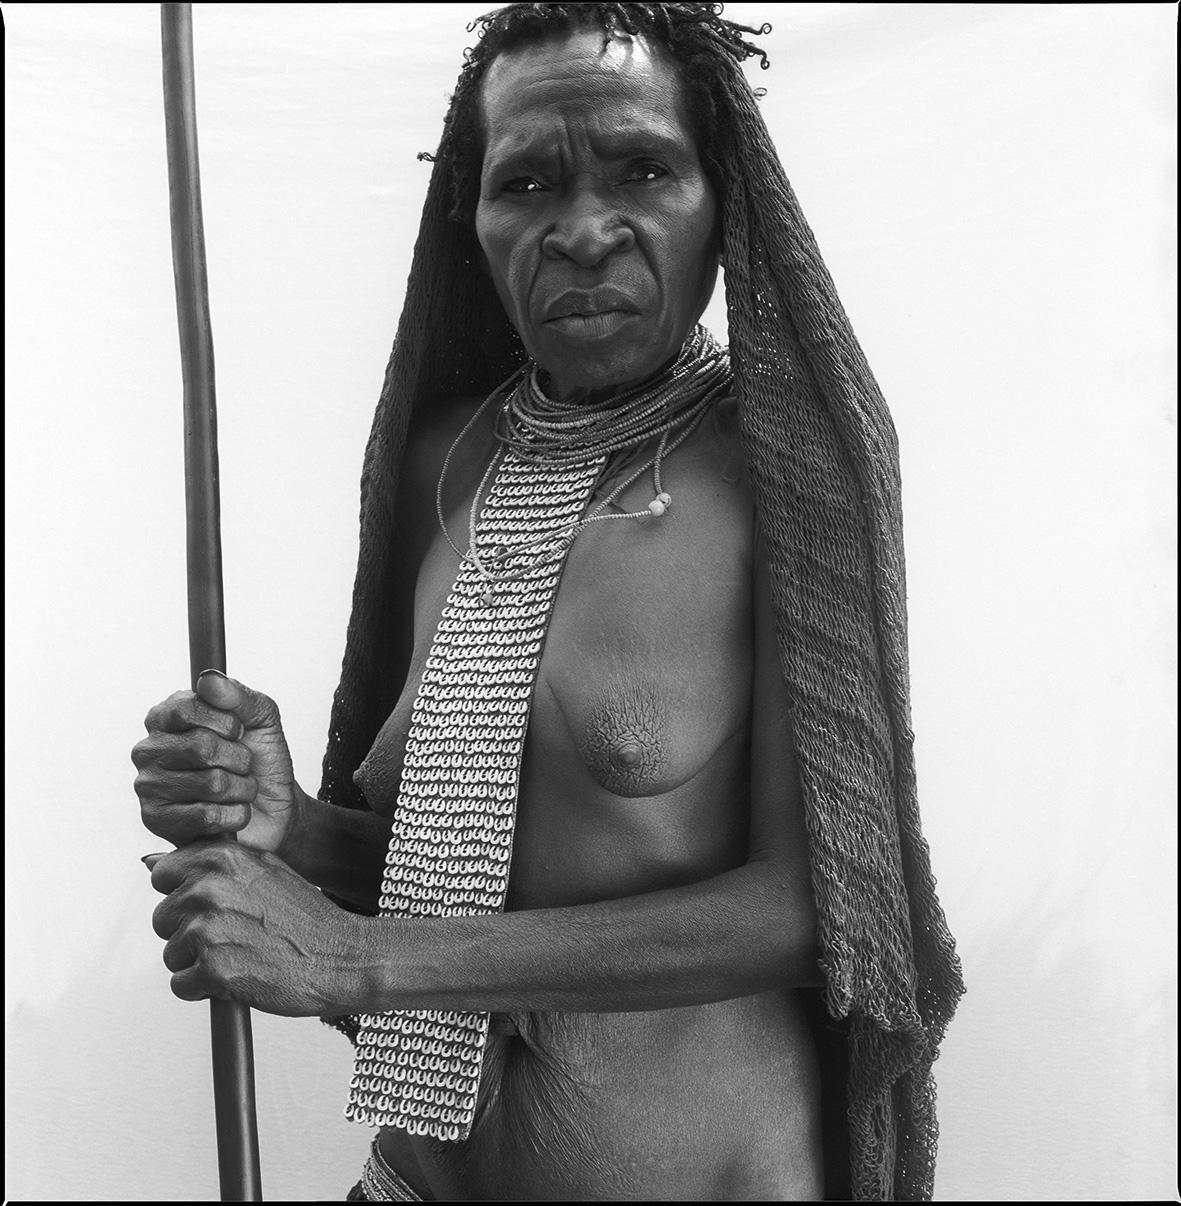 Die Dani-Frau lebt in Papua-Neuguinea. Nur mehr wenige Dani kleiden sich traditionell. Indonesien versucht, diese traditionellen Gemüsegärtner und Schweinezüchter zu kontrollieren und sie ihrer Kultur zu berauben.